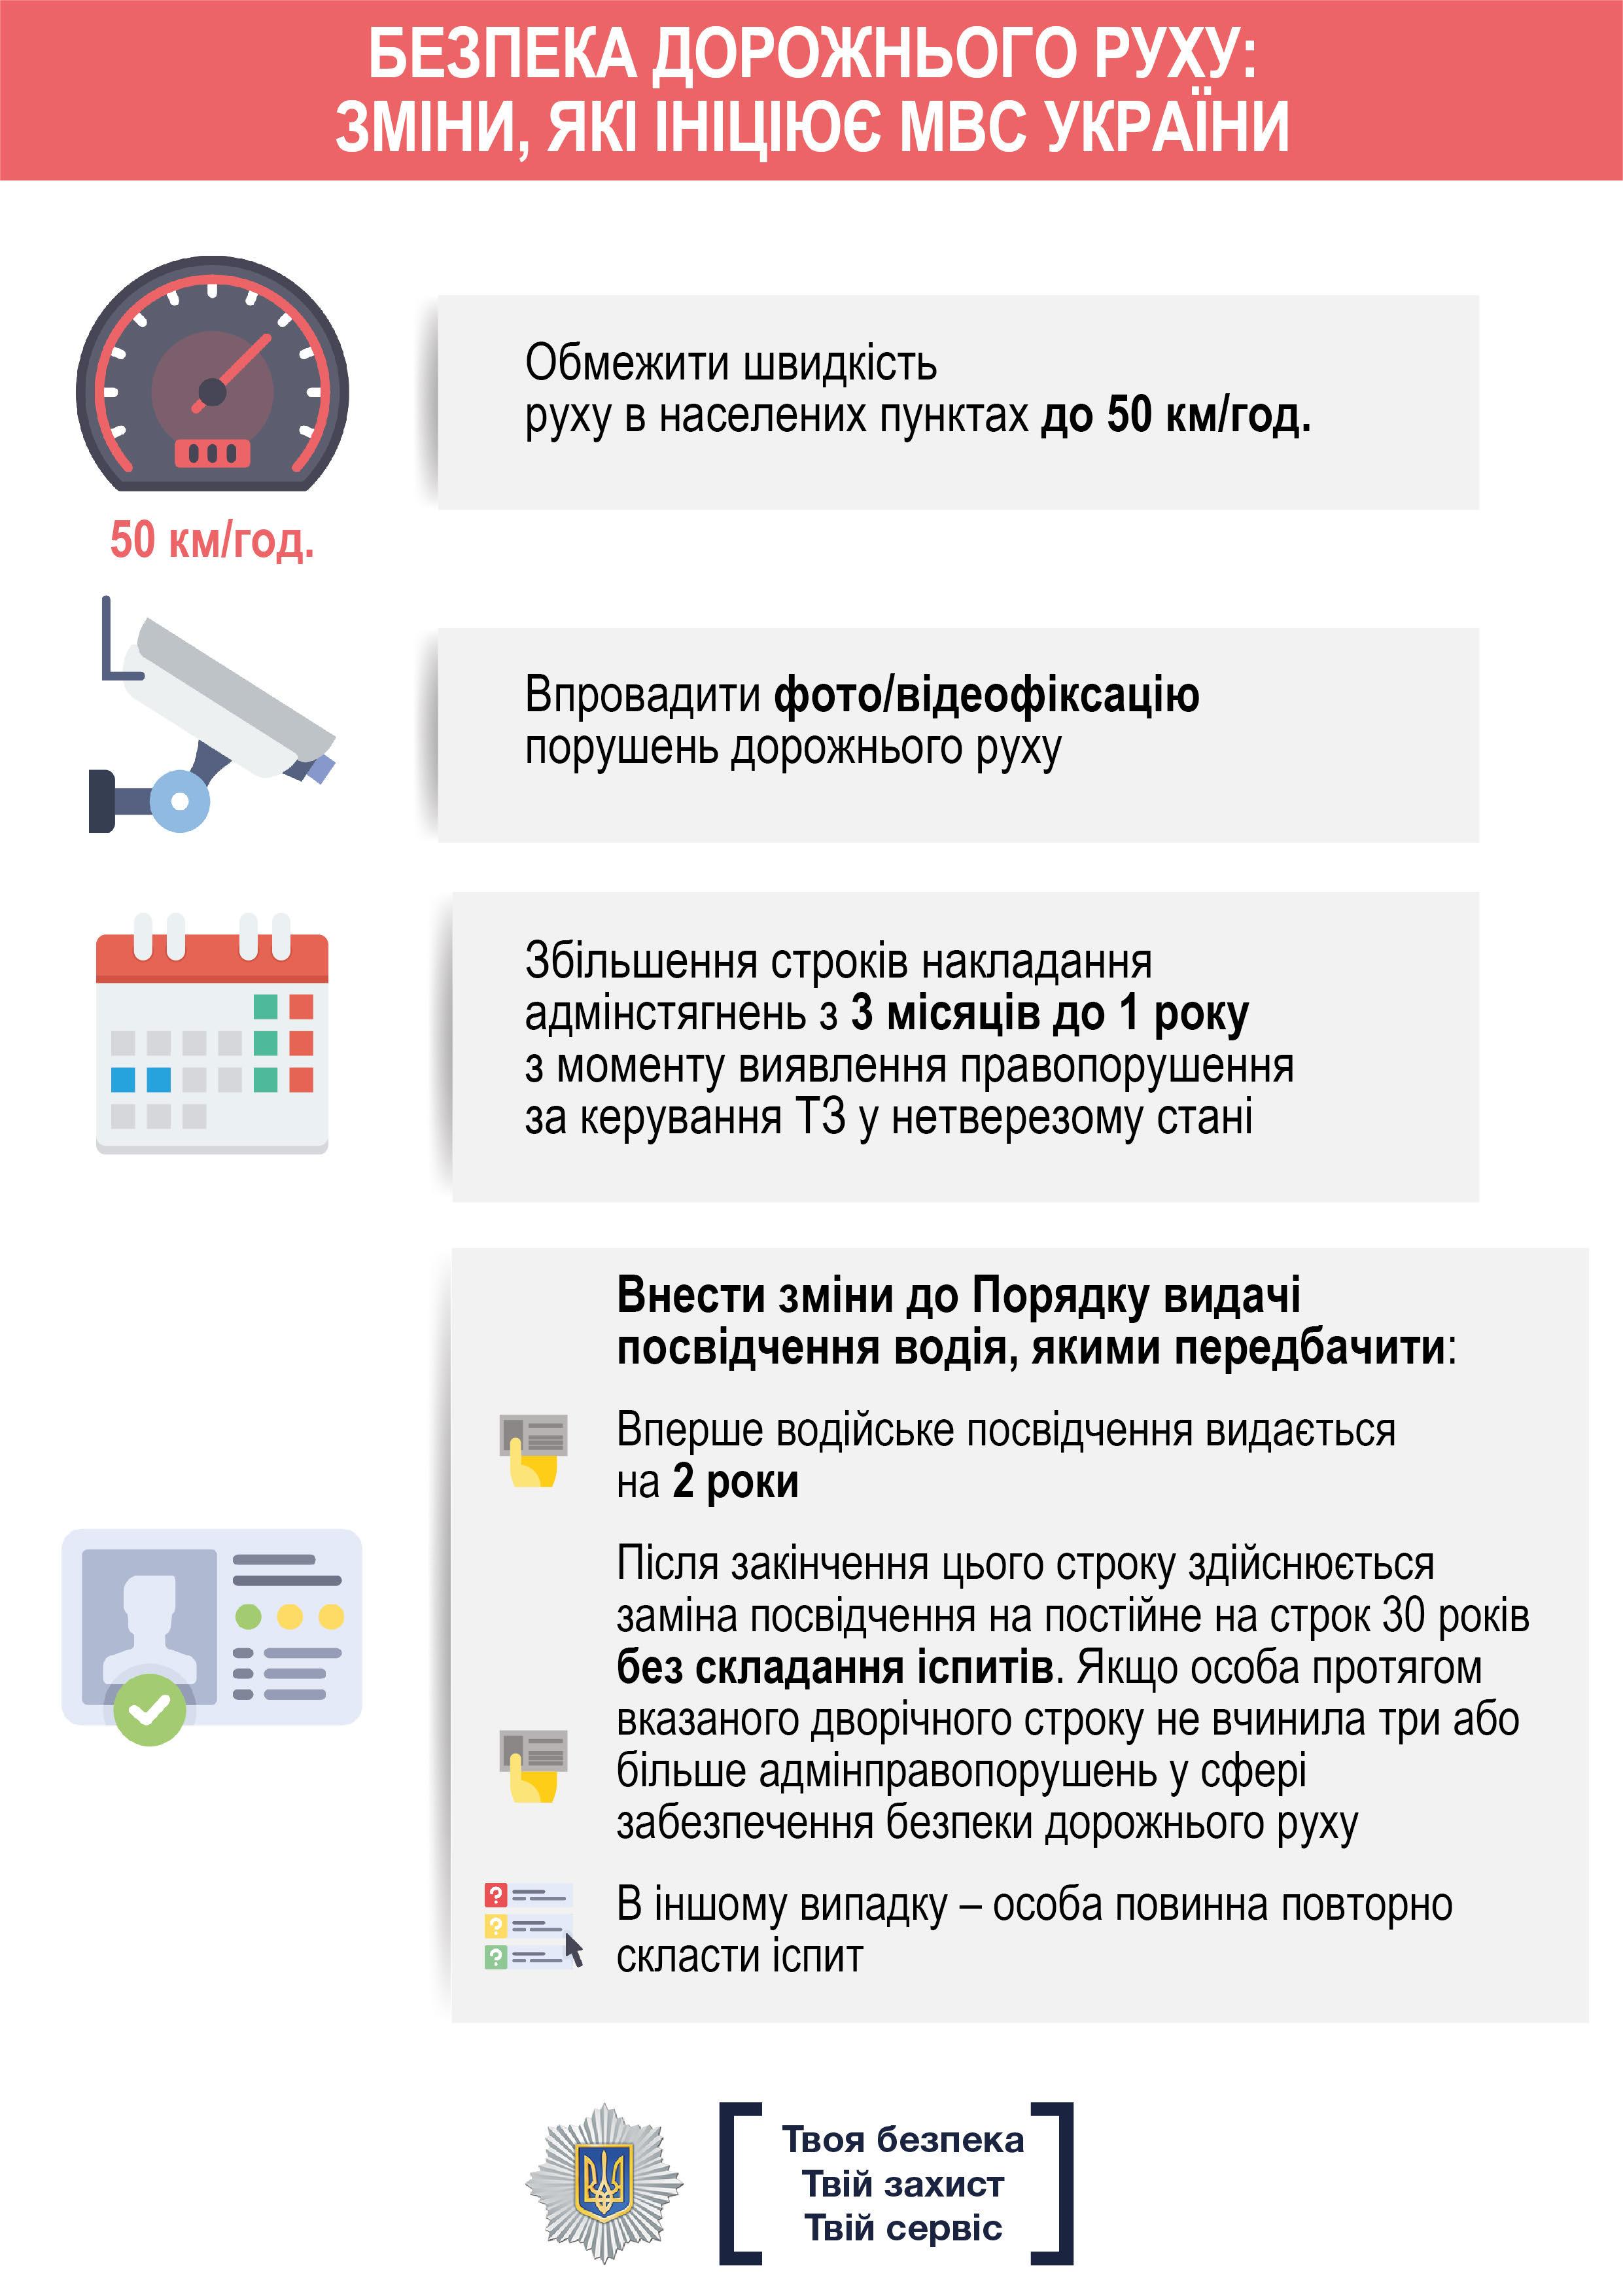 Новые штрафы за нарушение правил дорожного движения еще не действуют, - МВД